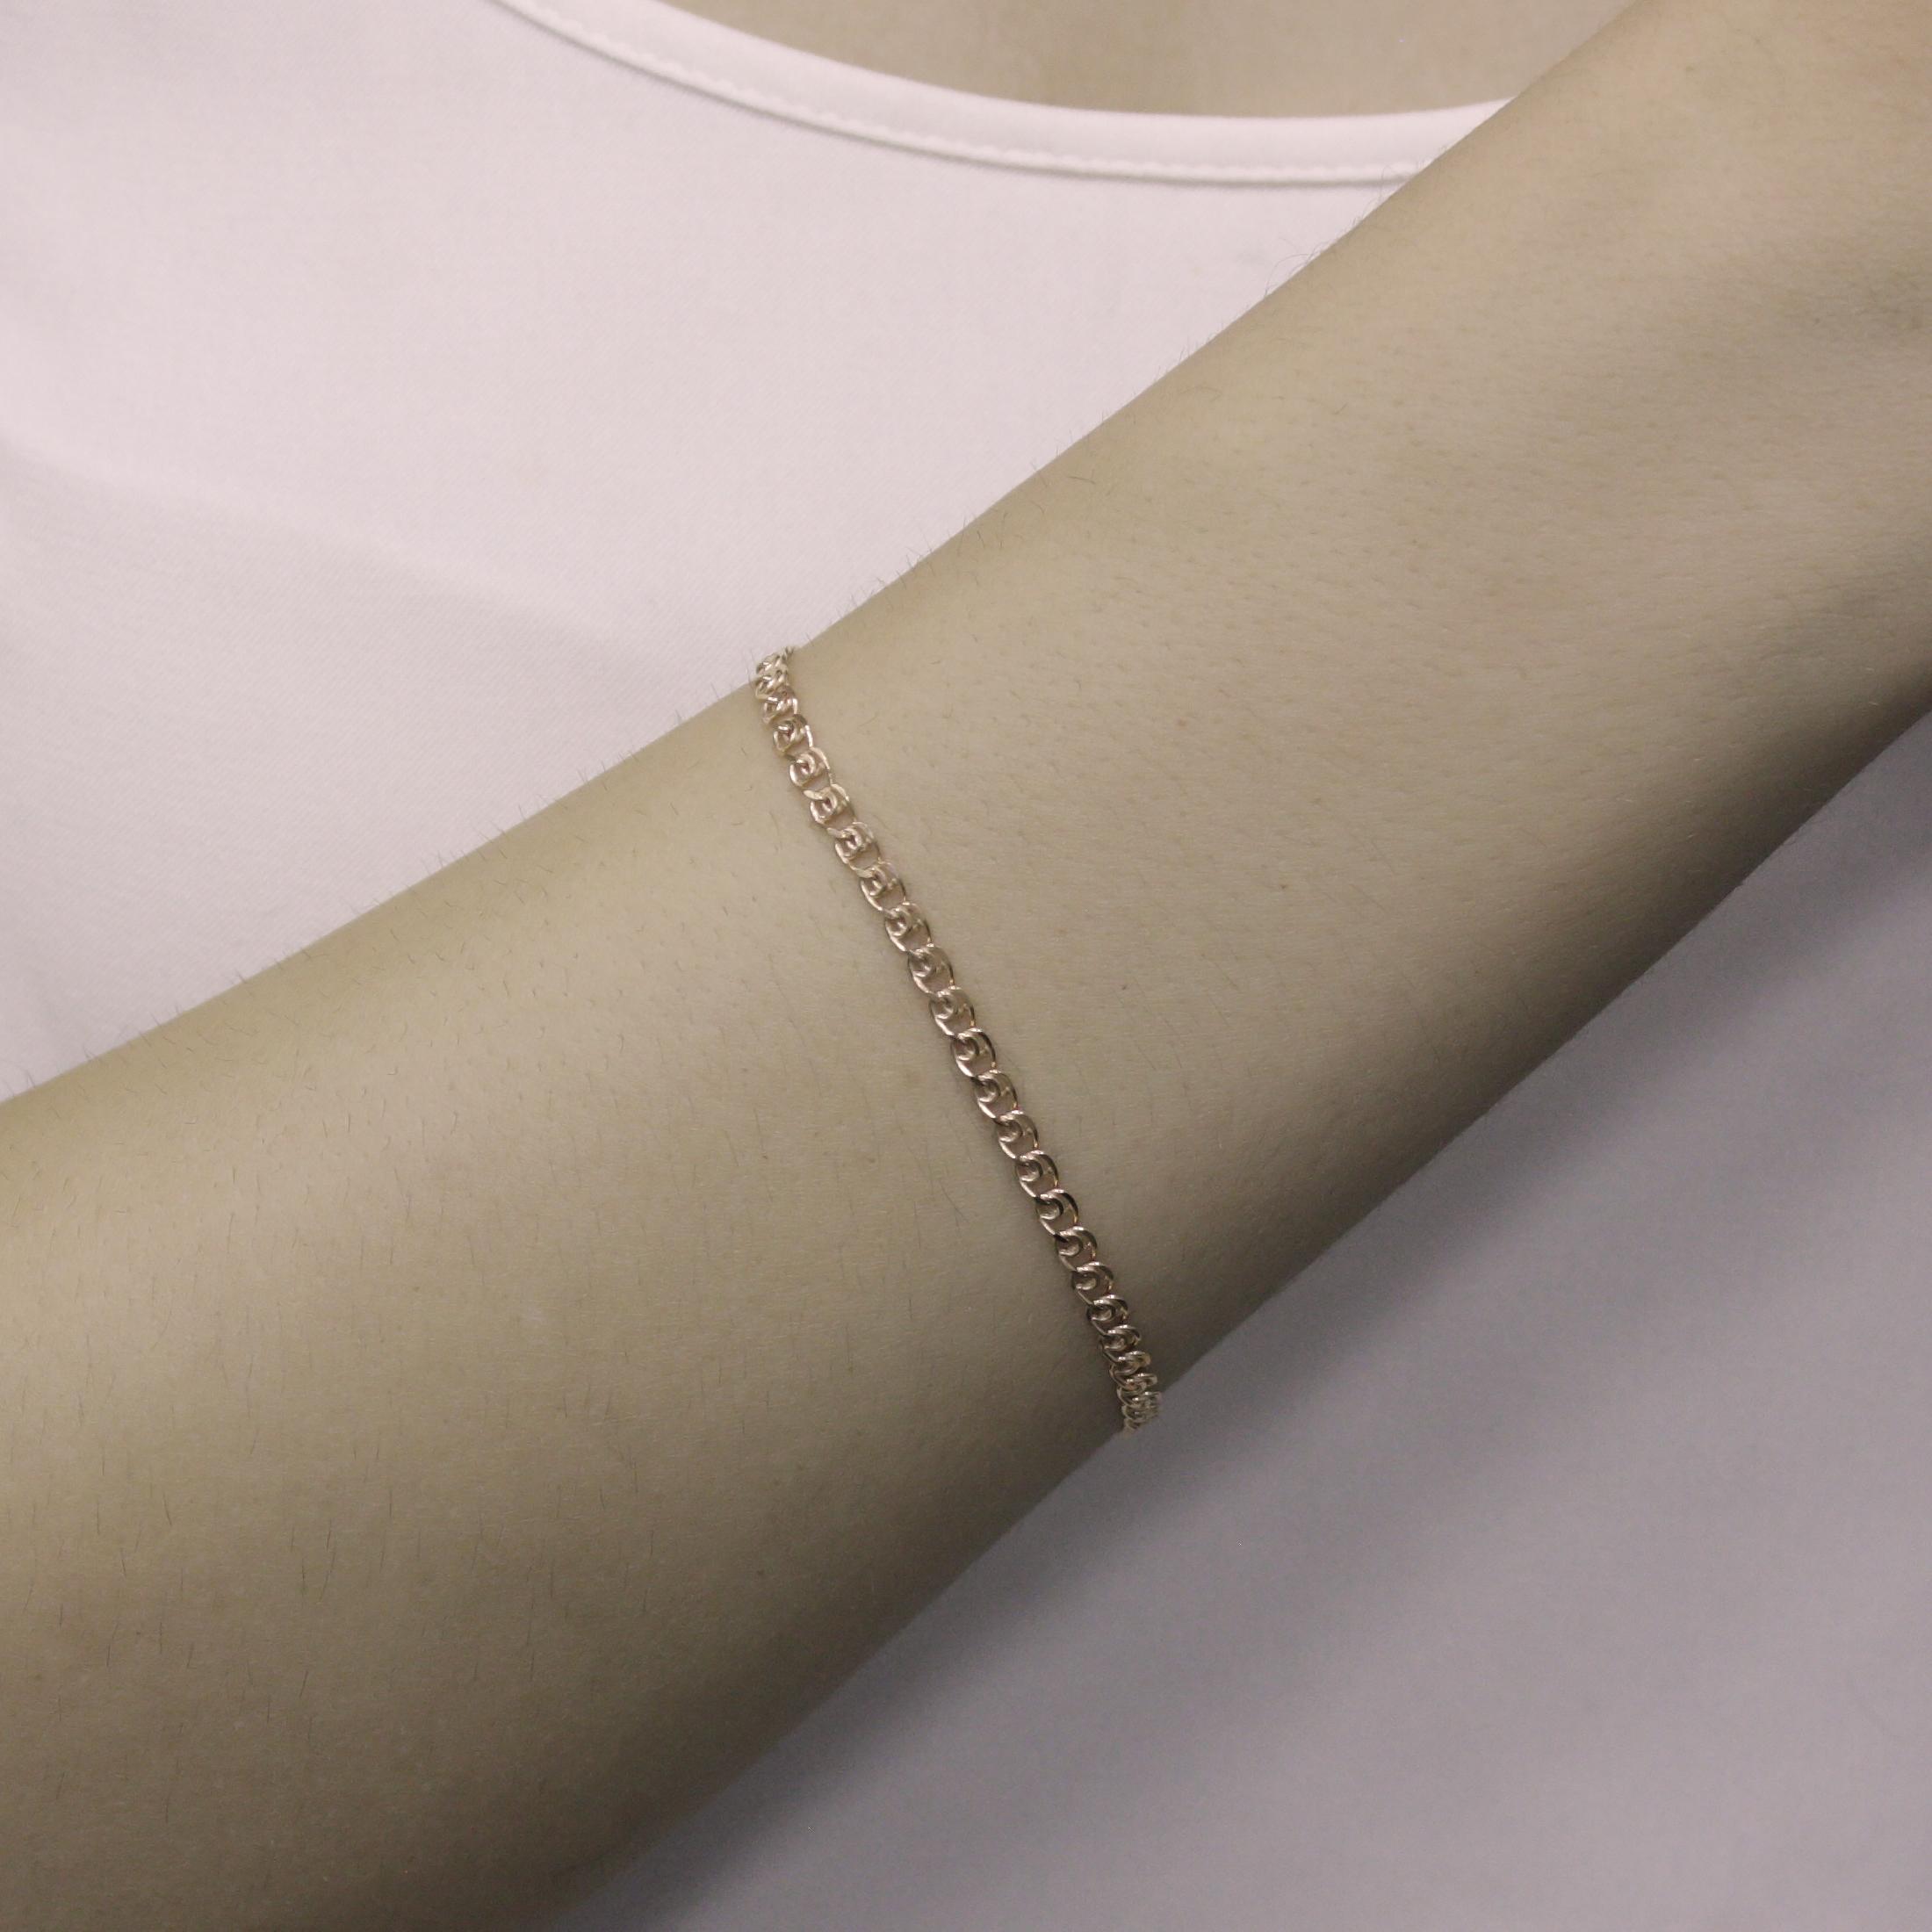 Золотой браслет в красном цвете, 3мм 000095127 000095127 18 размера от Zlato - 2